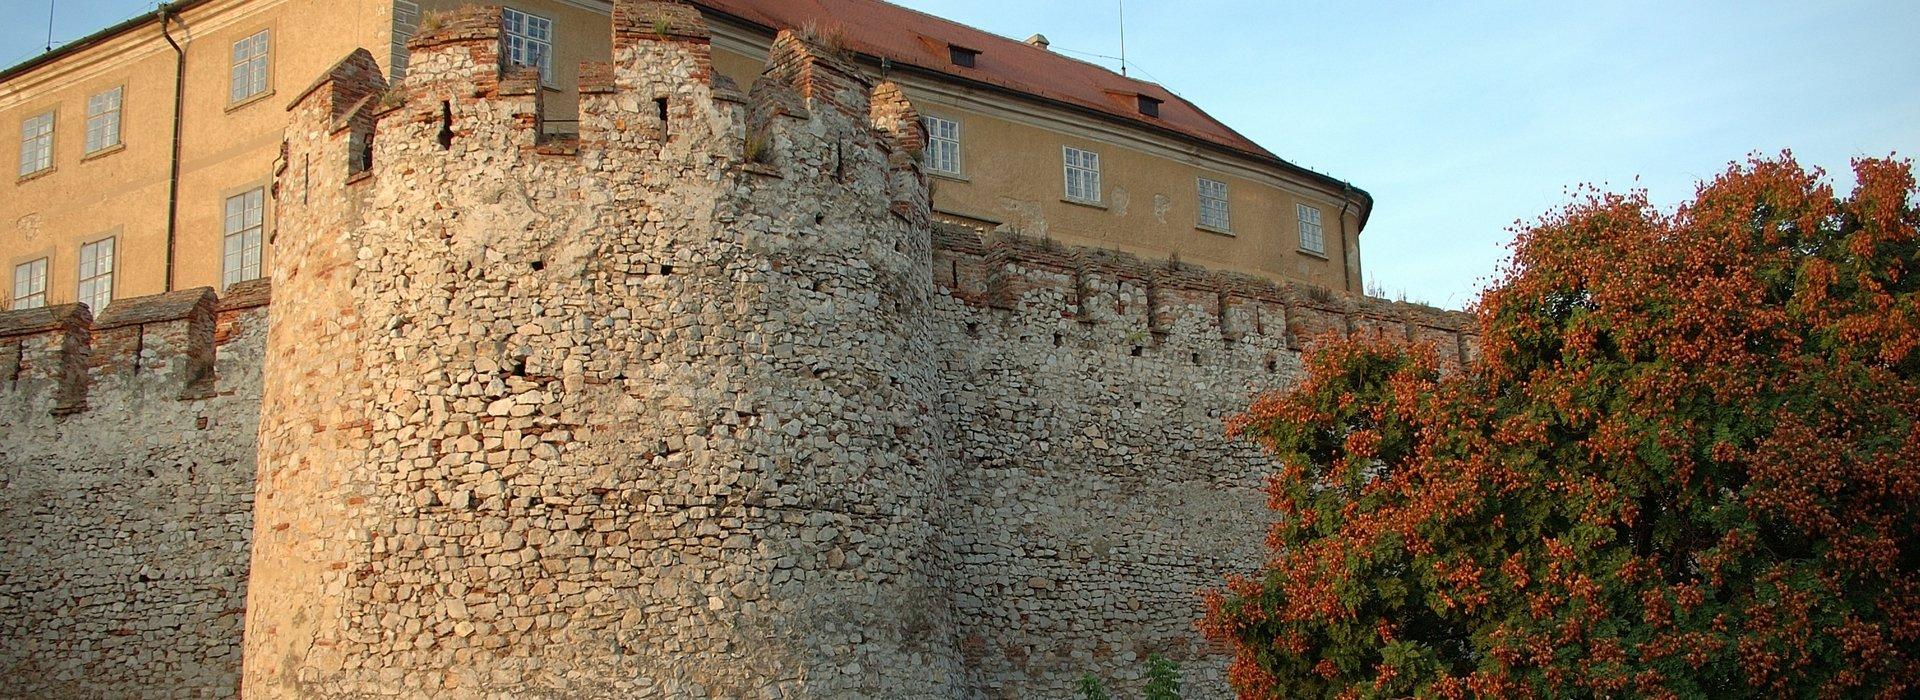 Debrecen History